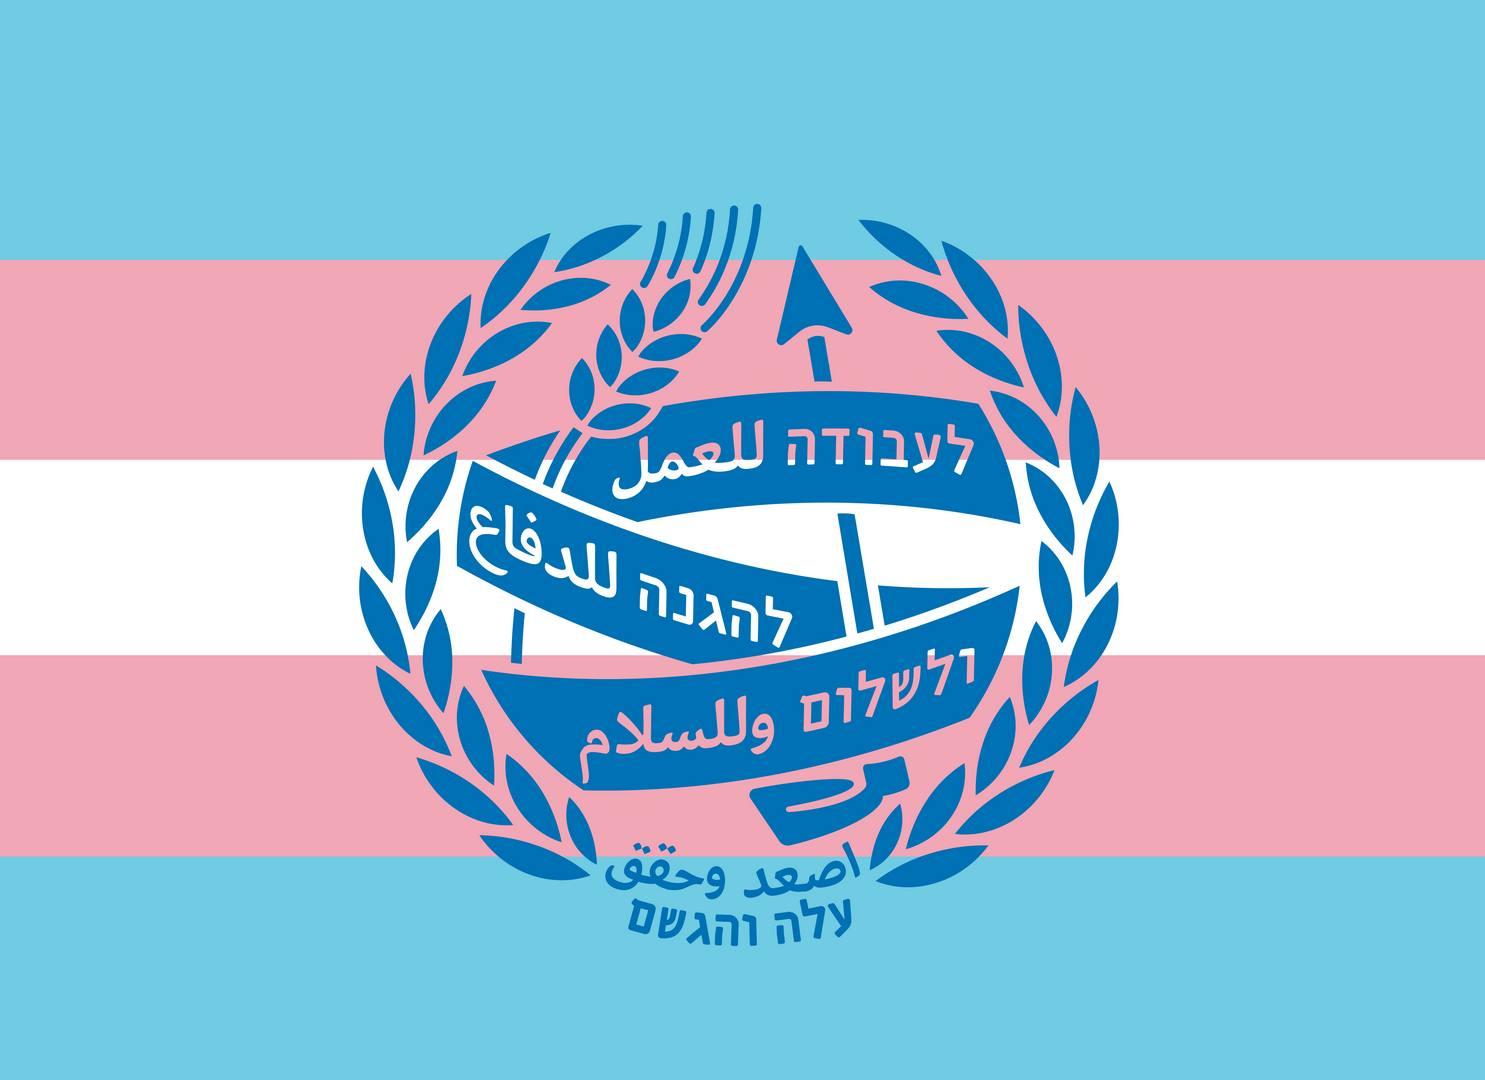 דגל הגאווה הטרנסקסואלית  Transgender flags עם/בלי לוגו